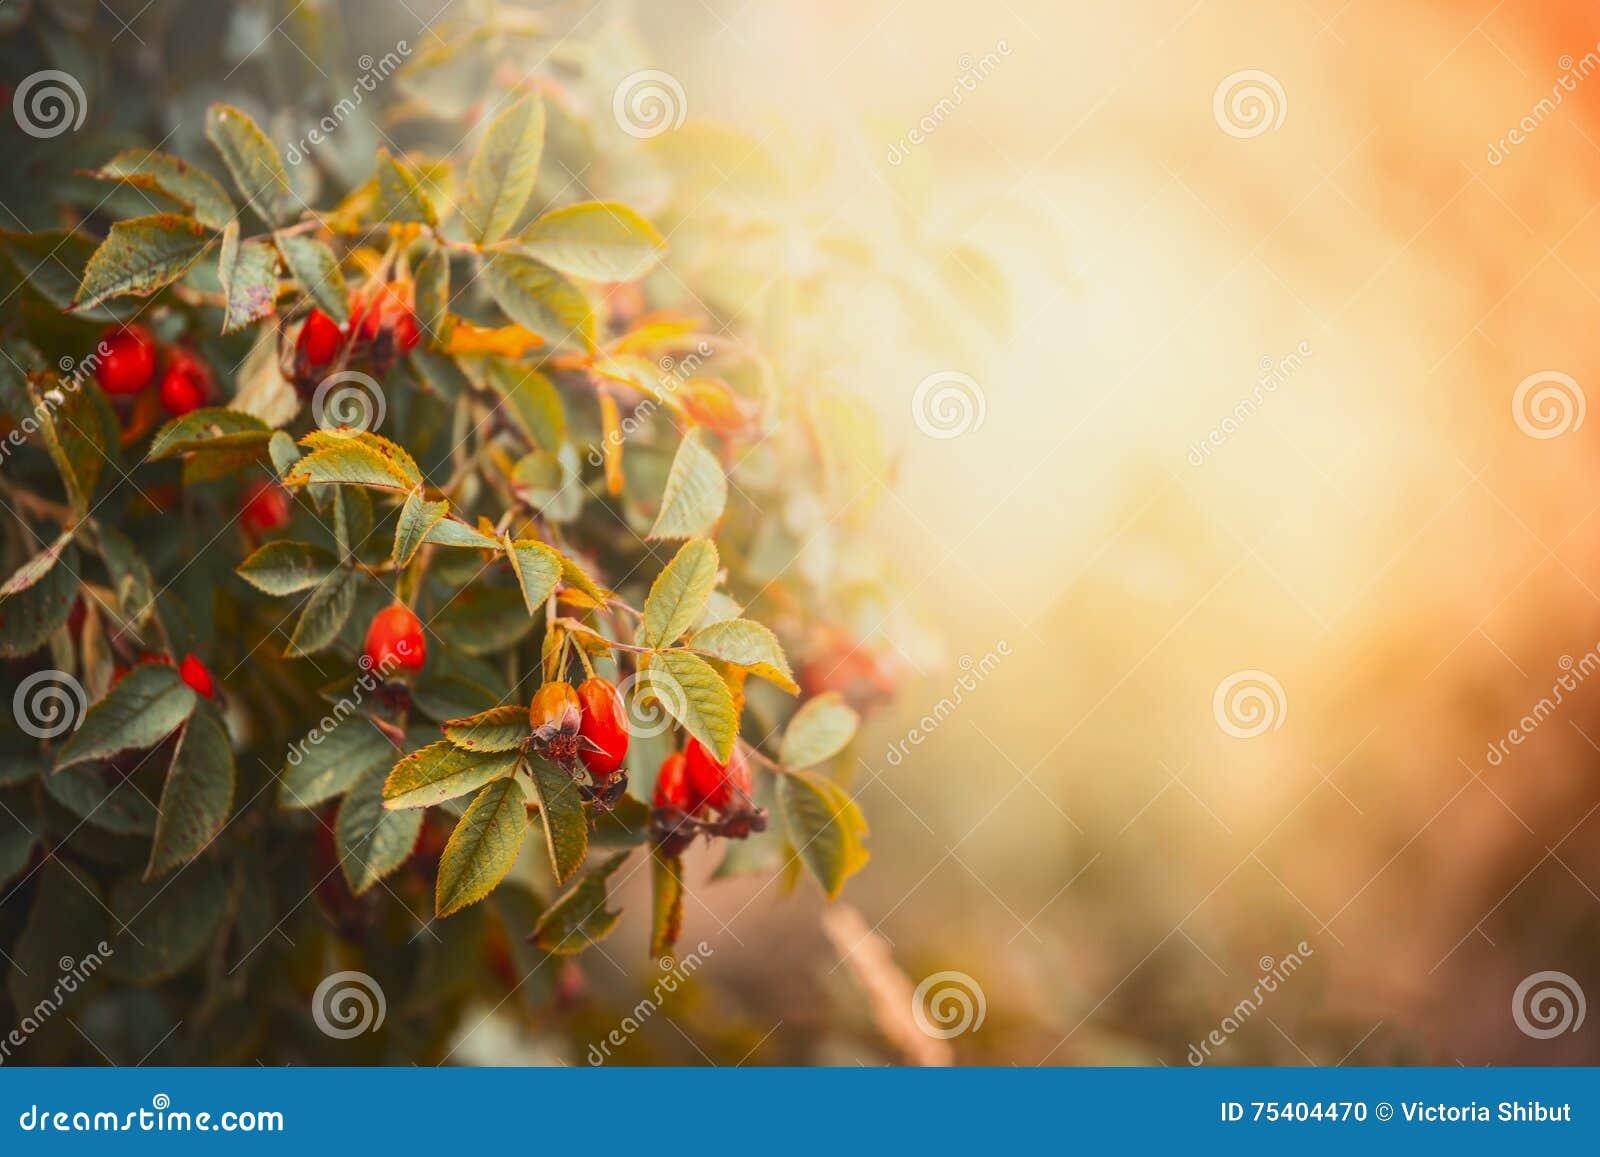 Psie róże z czerwonymi owoc i jagodami przy zmierzchem w ogródzie lub parku Ładna jesieni natura